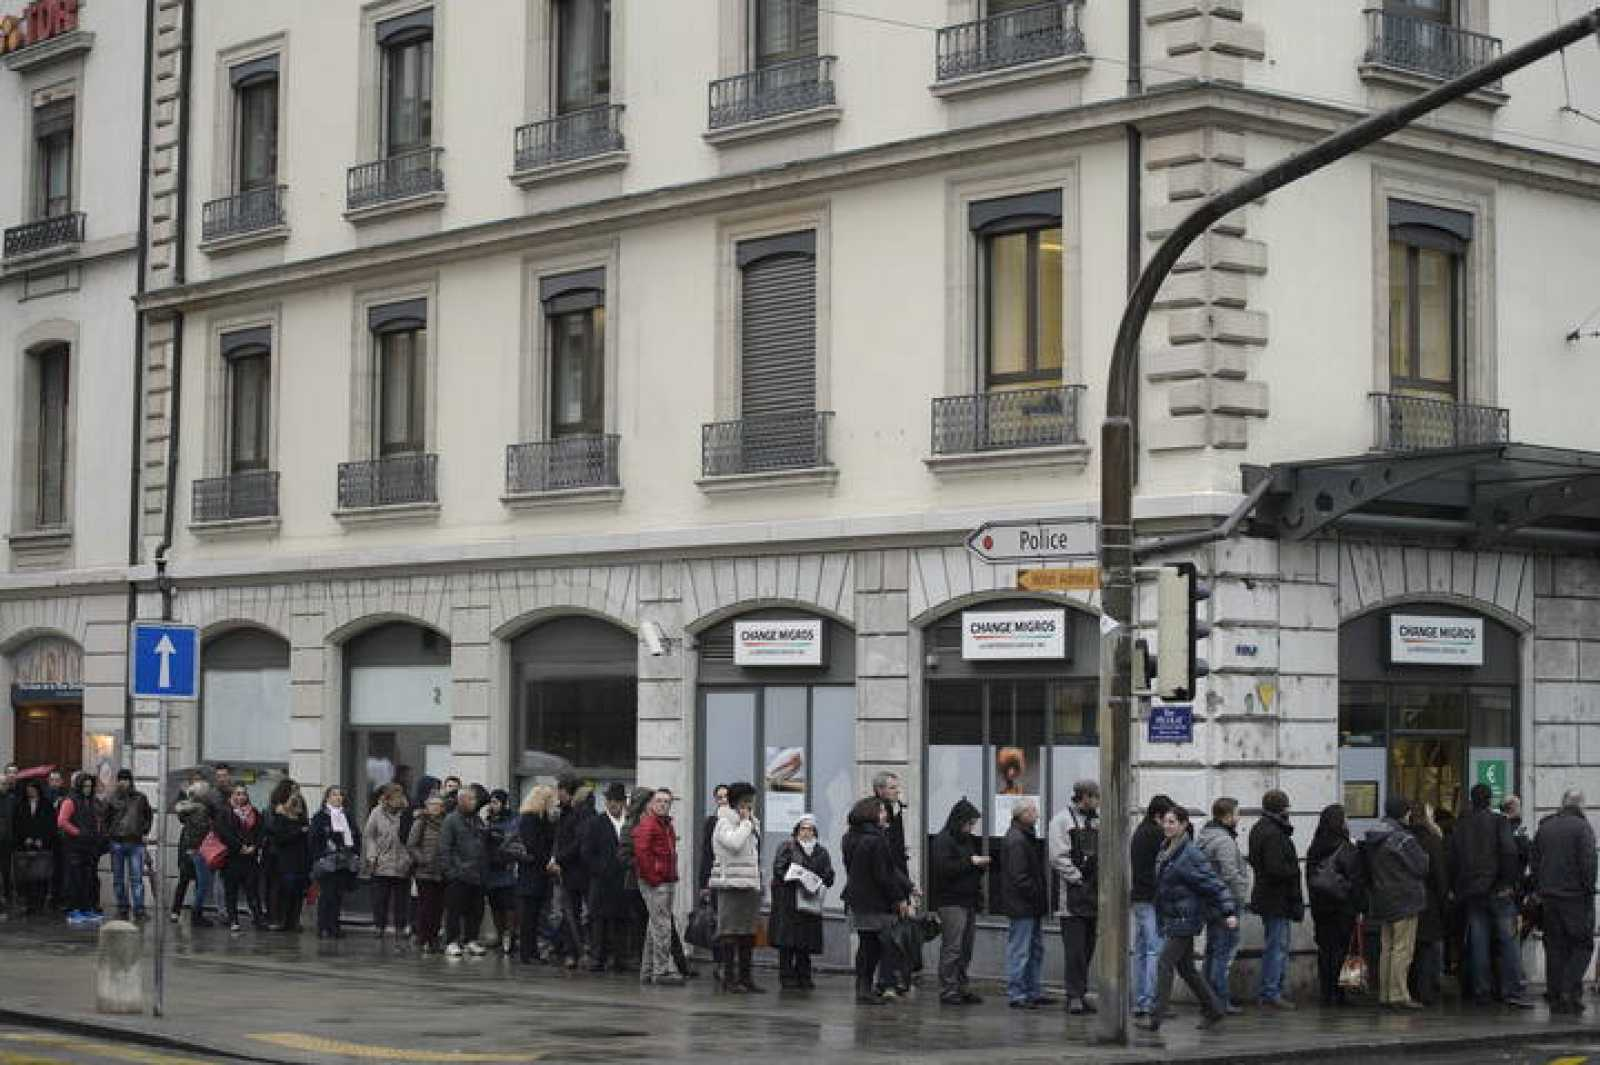 APRECIACIÓN FRANCO SUIZO QUITA EL SUEÑO A MILES DE PERSONAS EN EUROPA CENTRAL